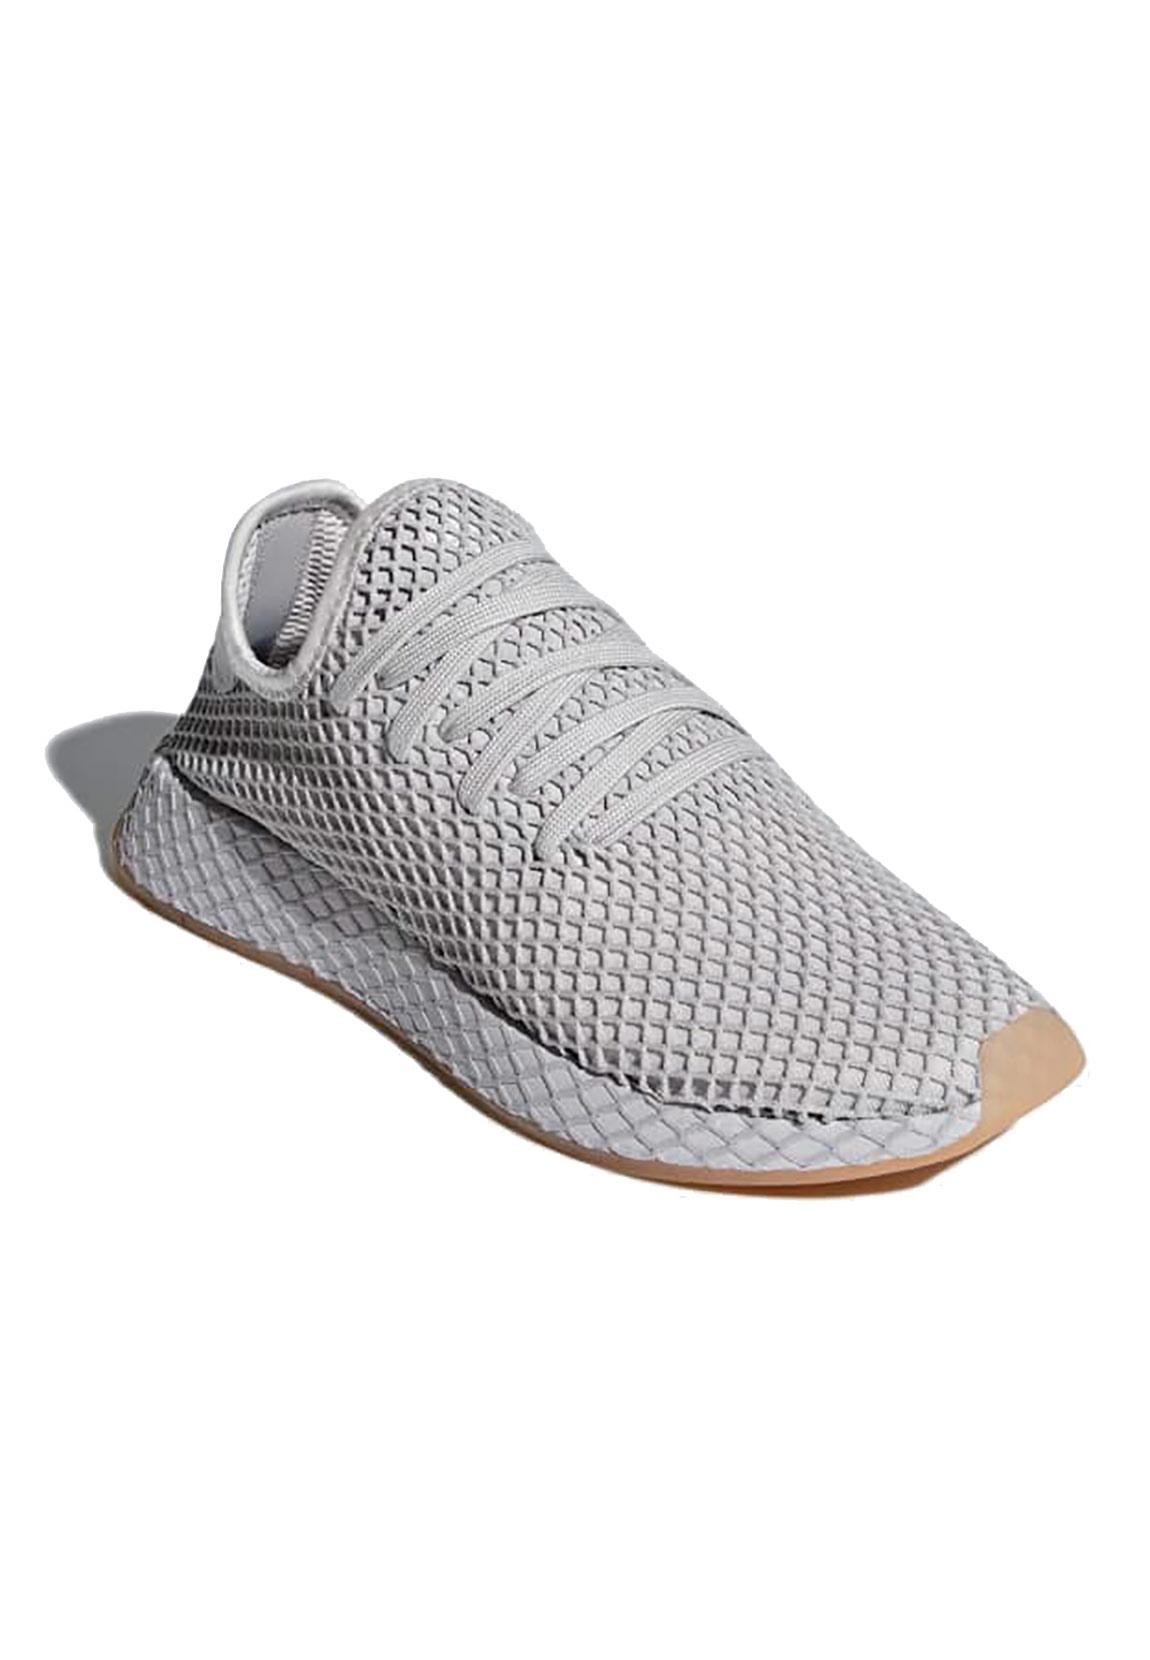 outlet store 6ea8c eaff9 Manufacturer Adidas Originals